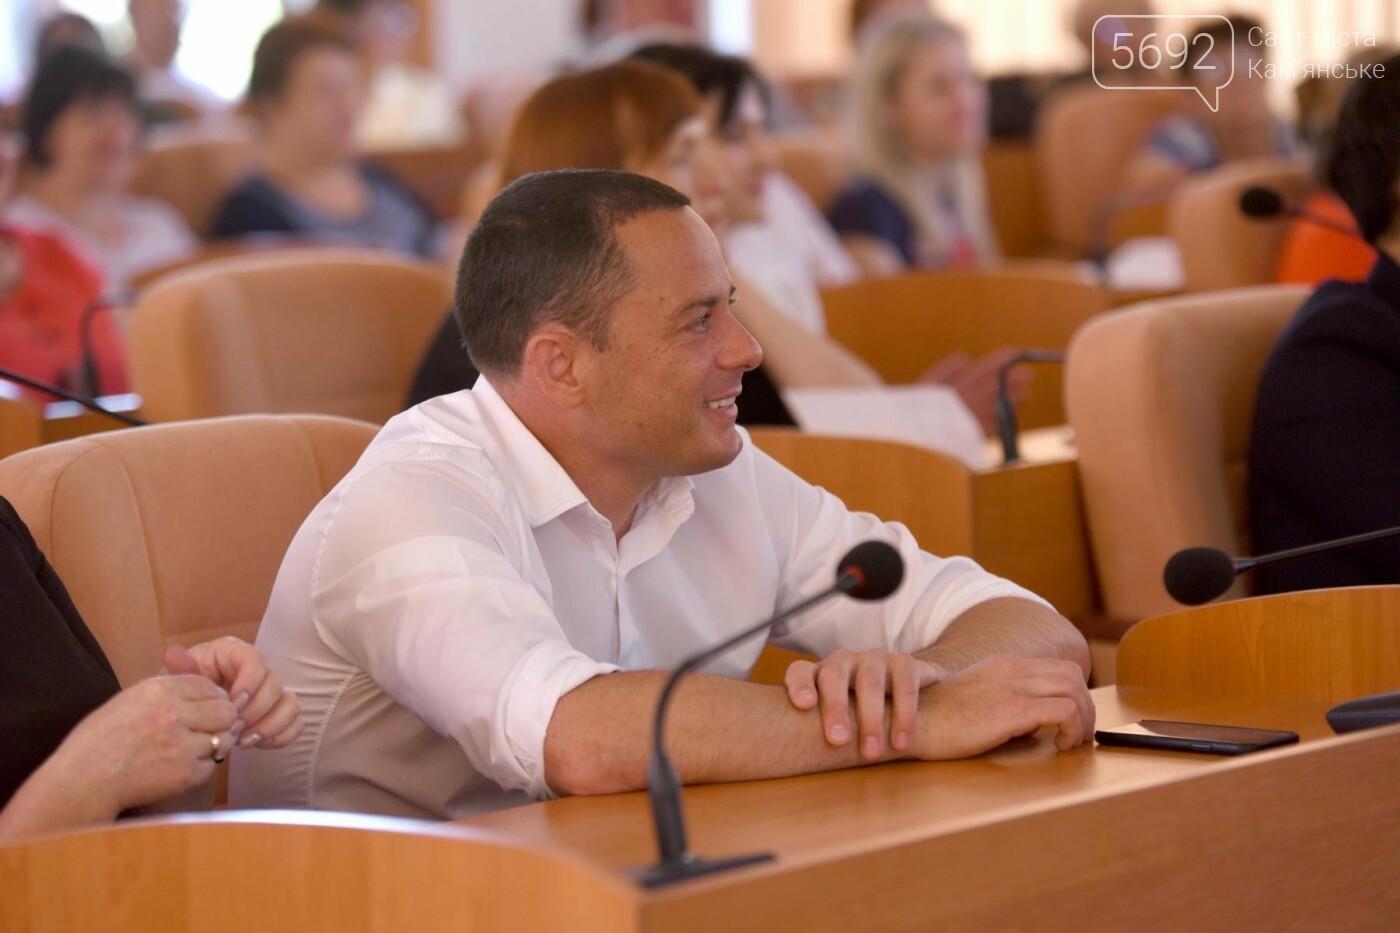 В Каменском международные эксперты рассказали, как сформировать инновационное мышление у молодежи, фото-1